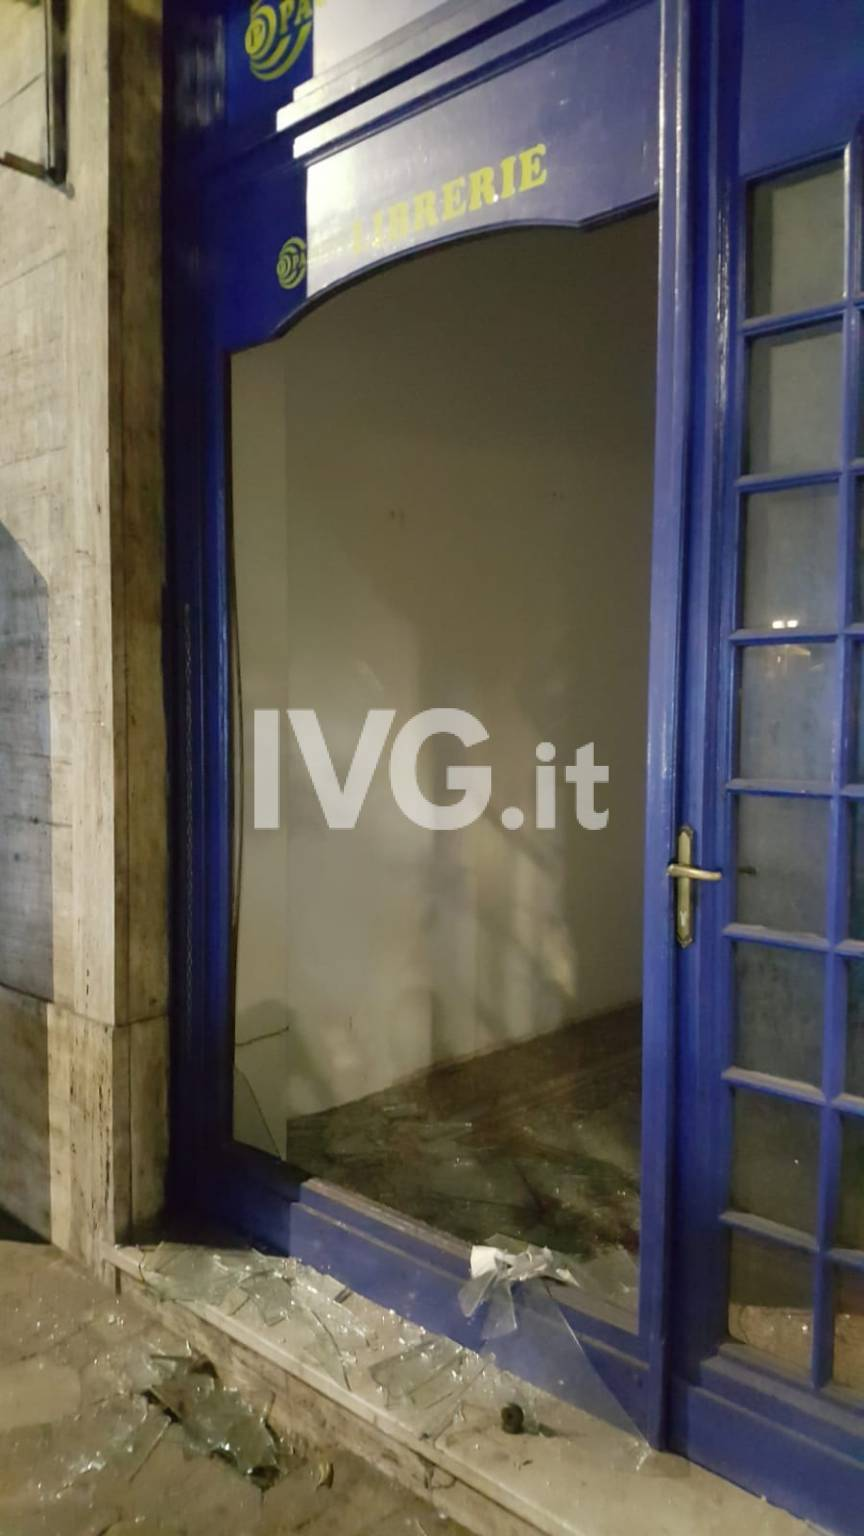 Sfondata la vetrina di un negozio nel centro storico di Alassio